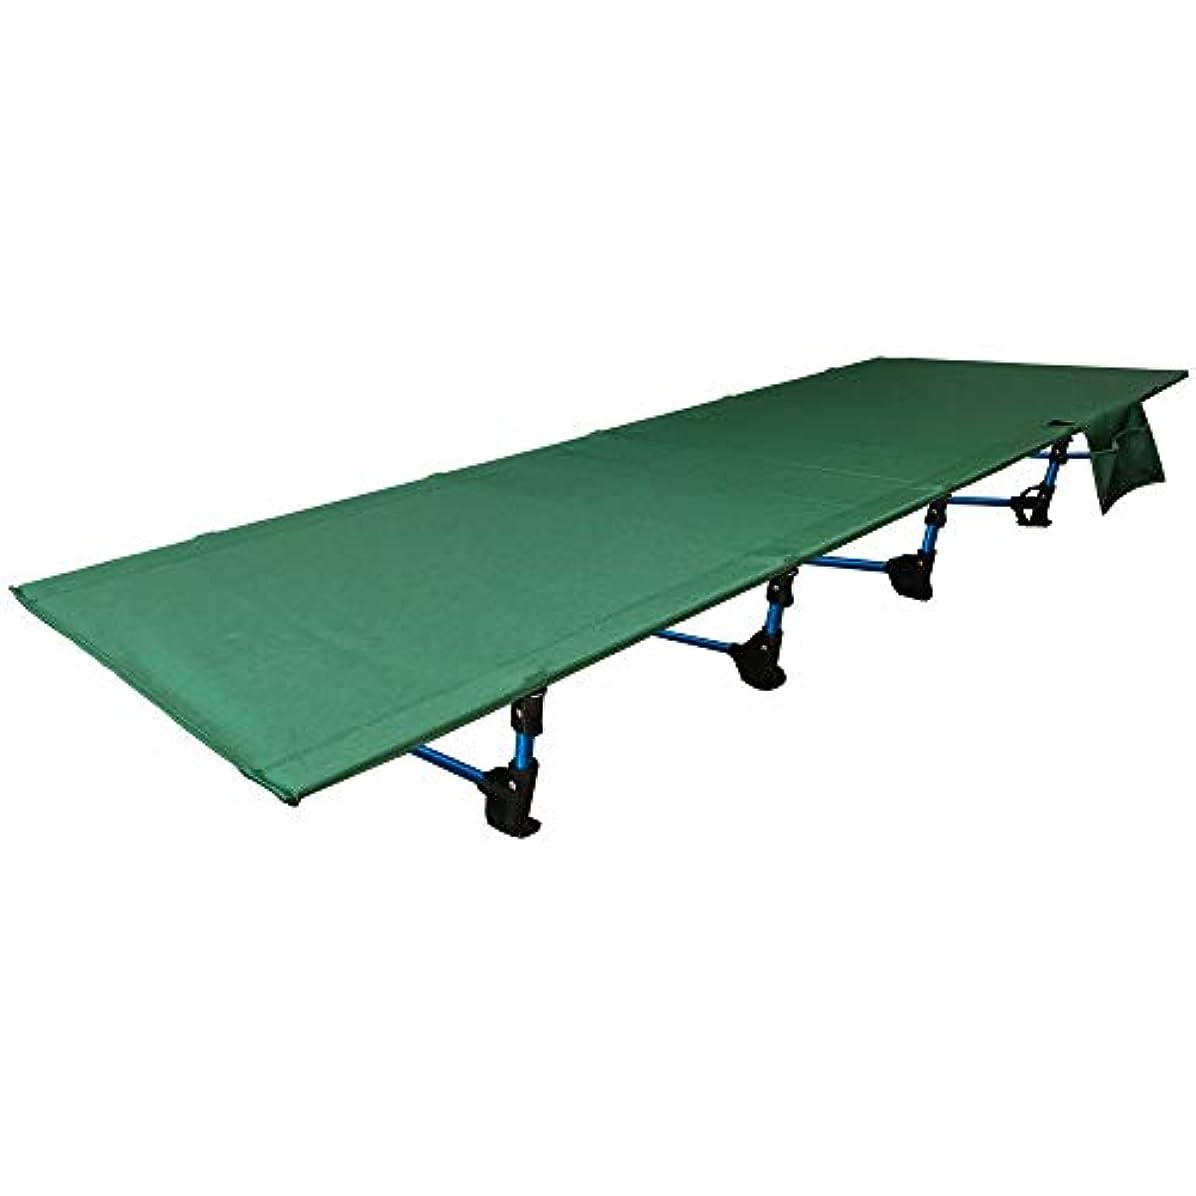 盗賊必須製造折りたたみベッド 超軽量 アウトドア キャンプ ポータブル タクティカル 折りたたみ式 ベッド